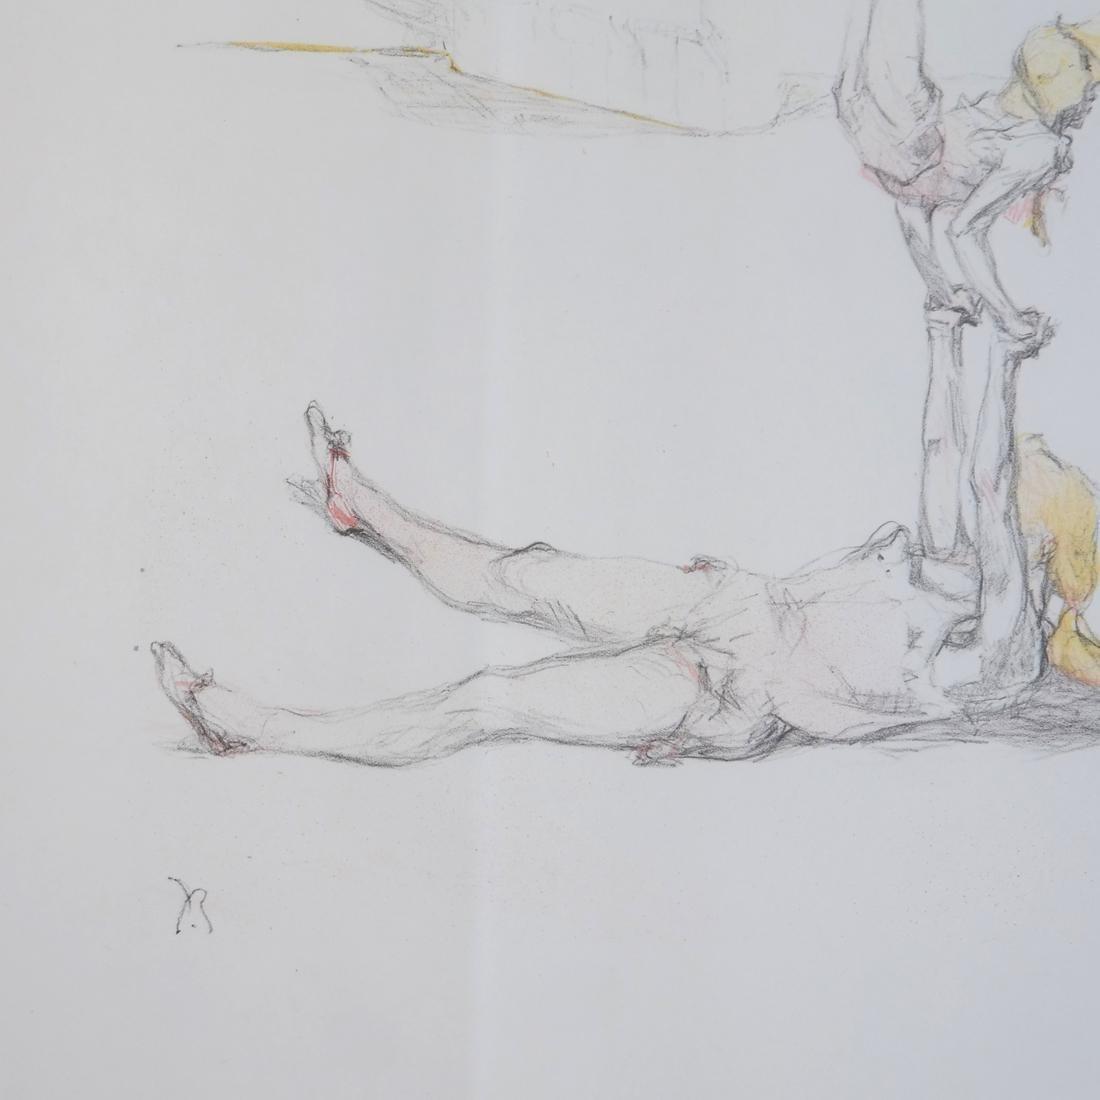 Pau Roig Catalan, Acrobats - Two Color Prints - 7